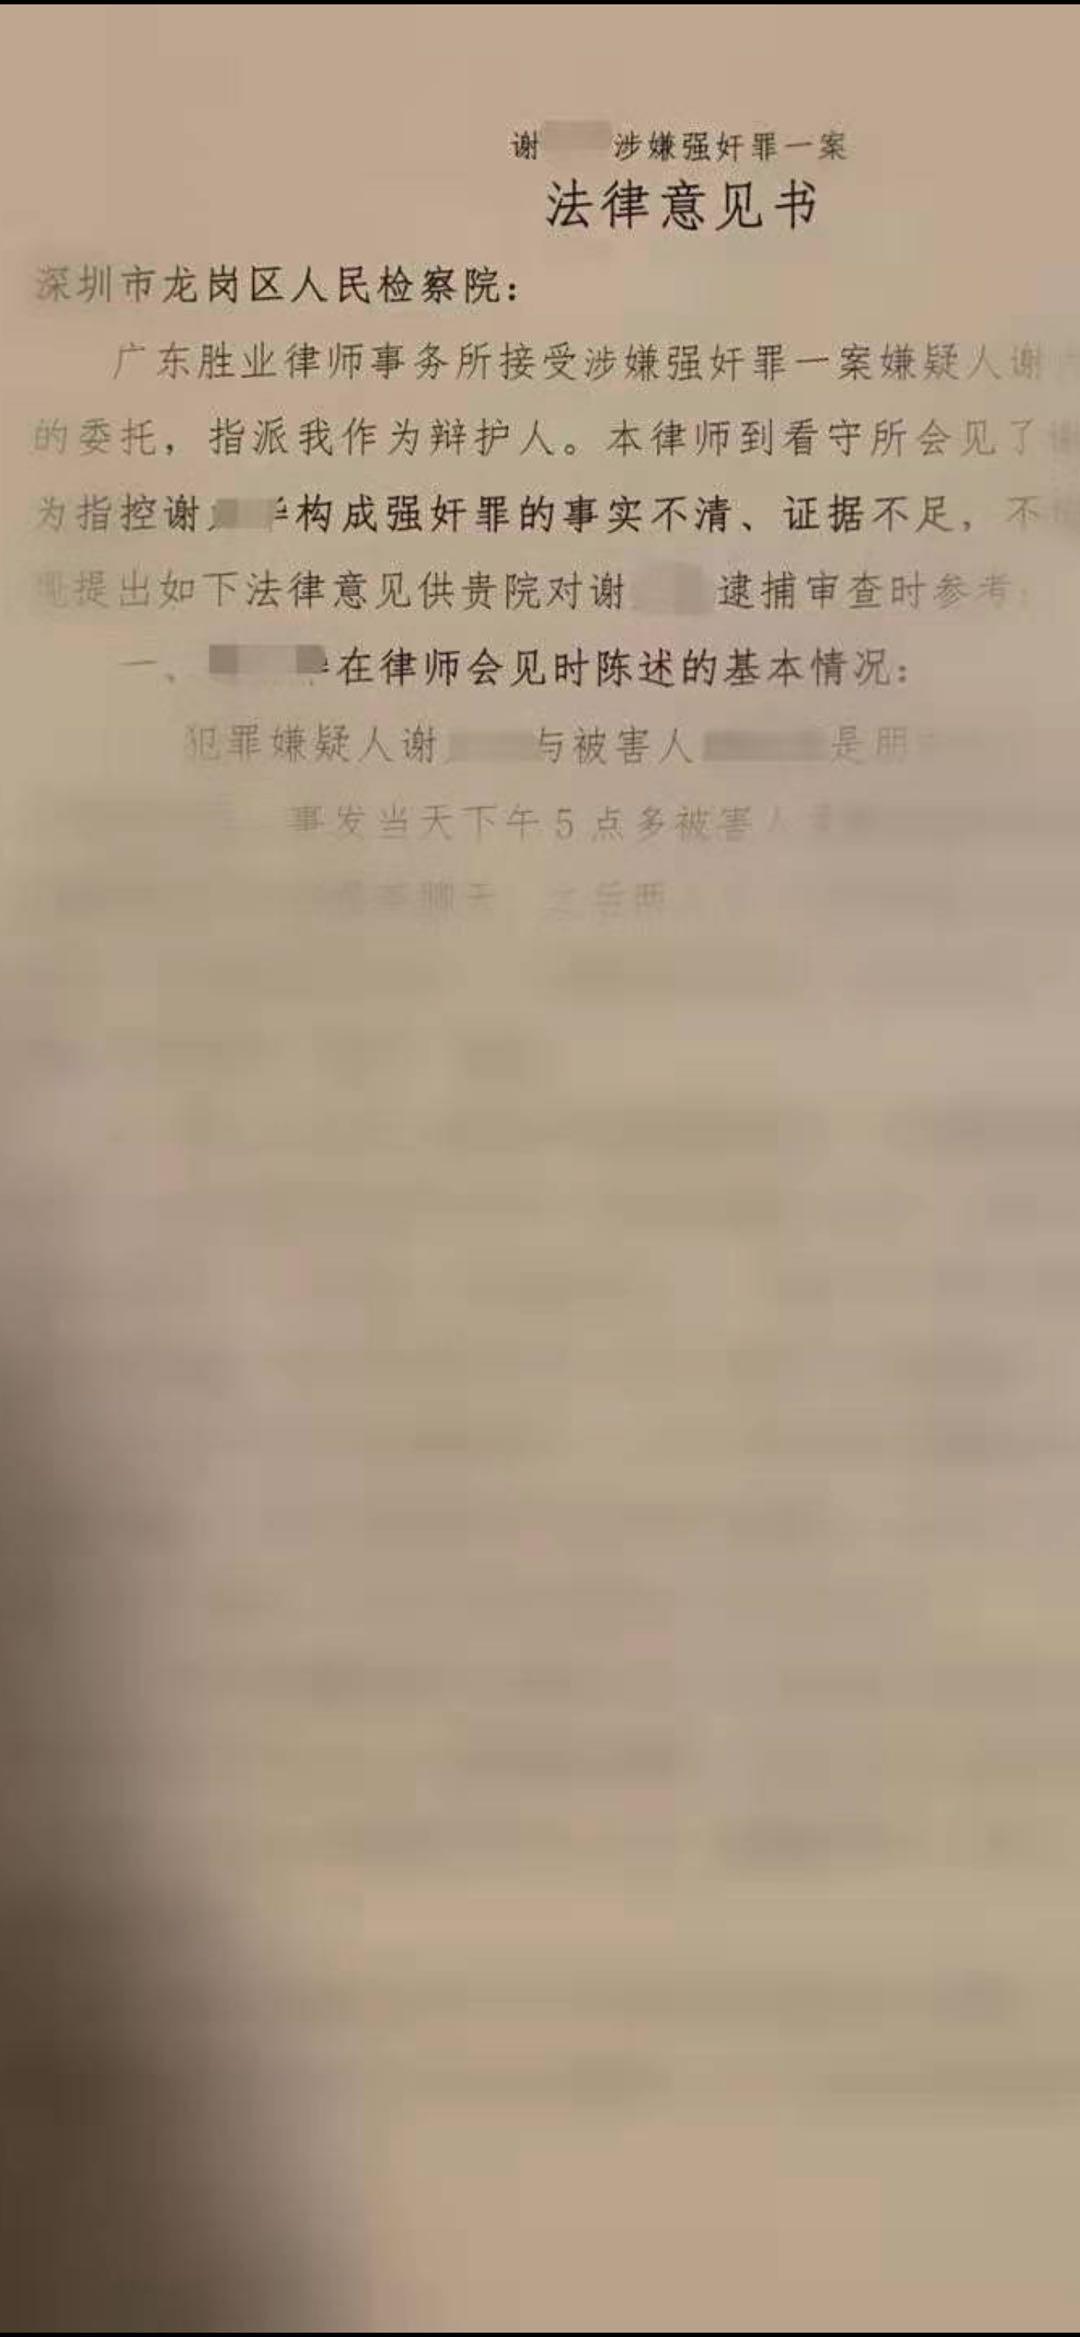 謝力華  法律意見書1.jpg